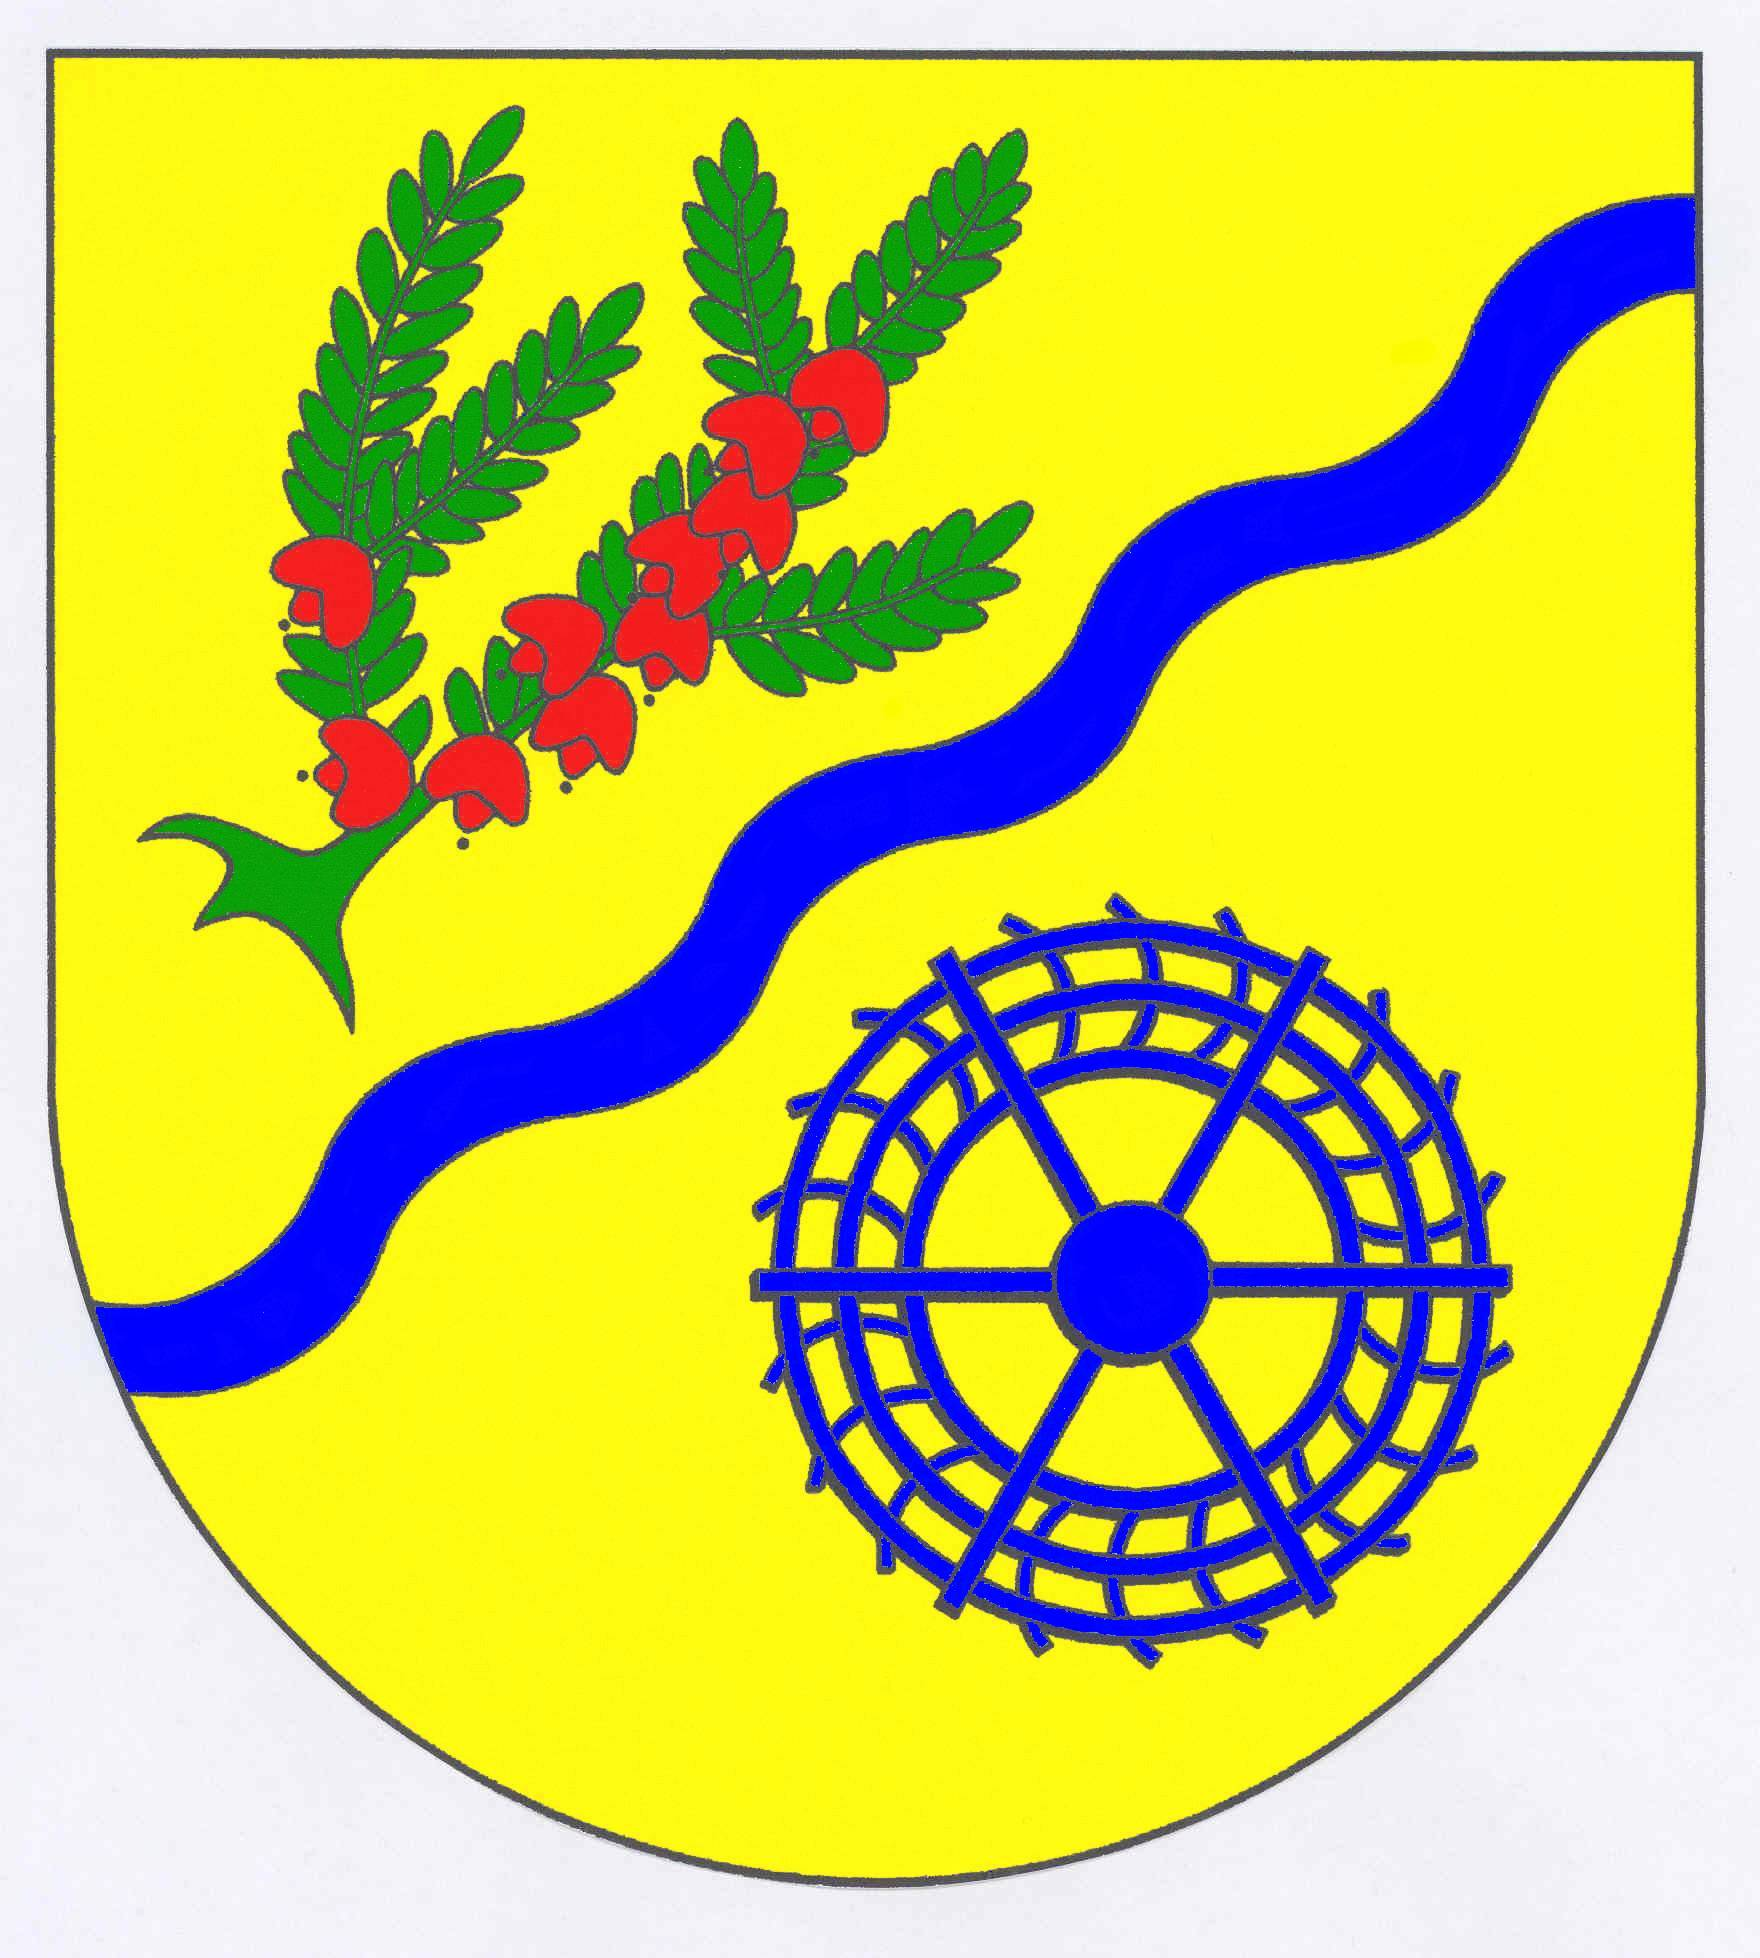 Wappen GemeindeHeidmühlen, Kreis Segeberg